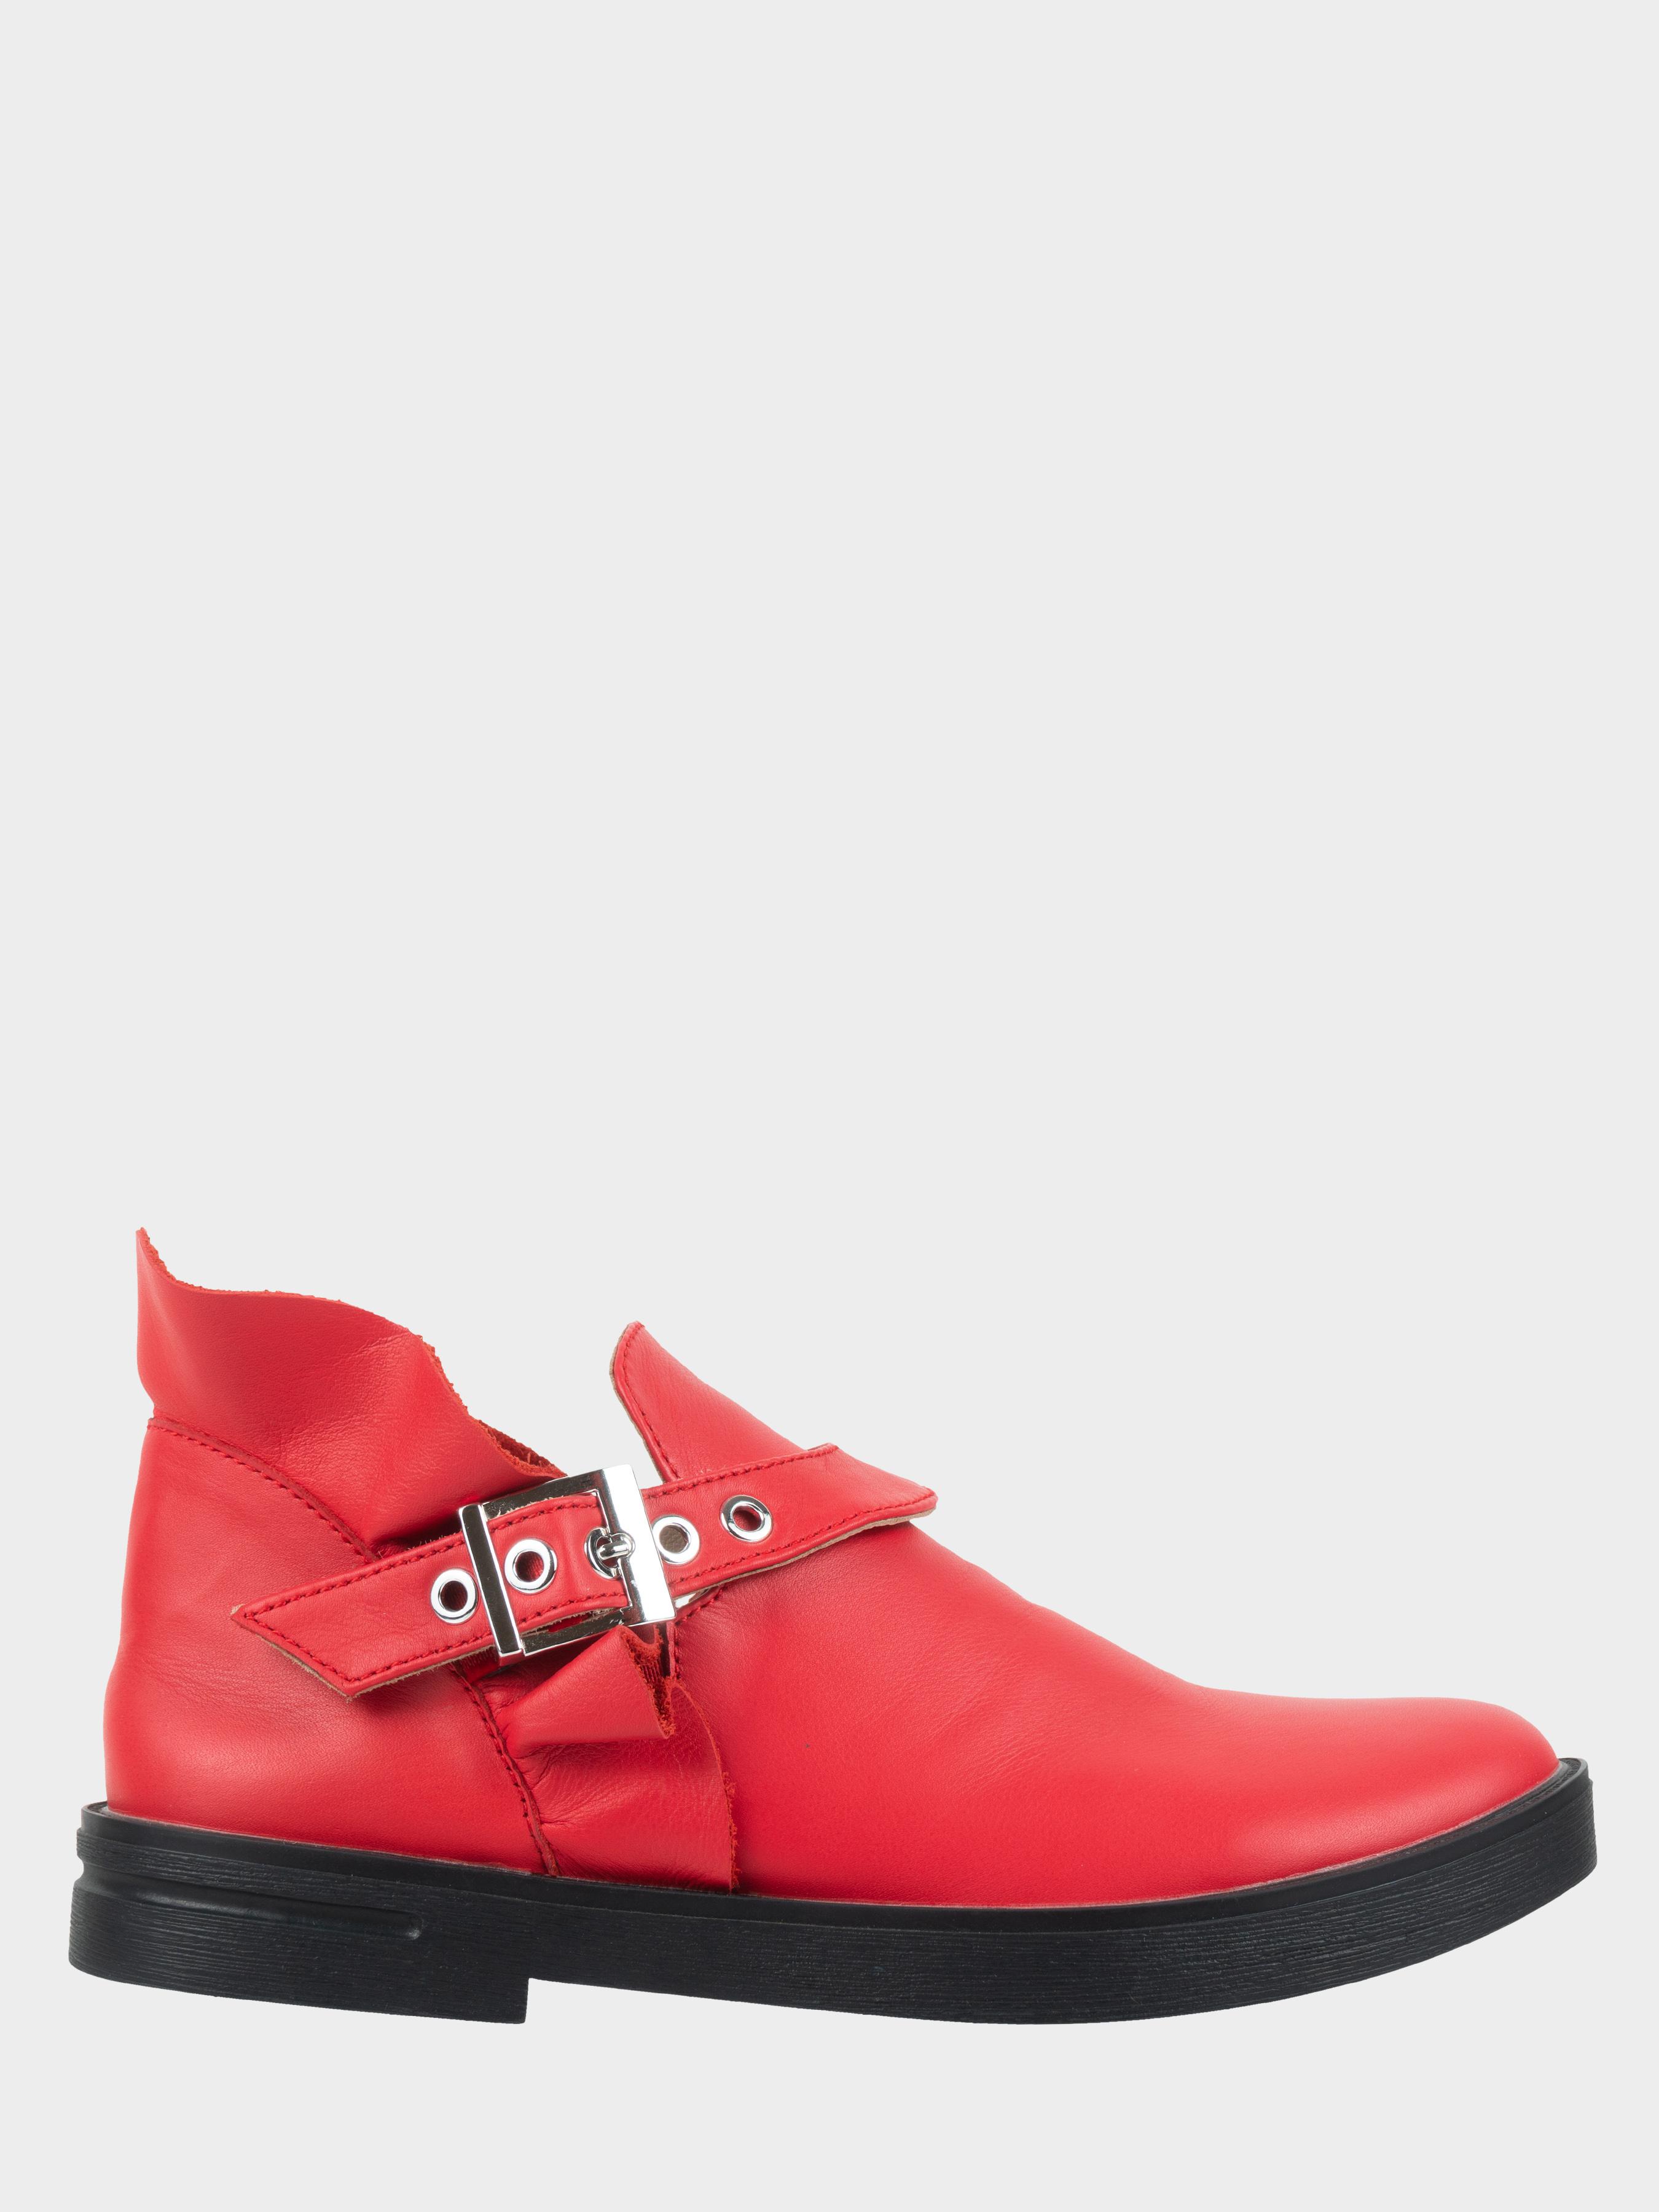 Полуботинки женские Ботинки Мерлин кожаные красного цвета 100102 выбрать, 2017